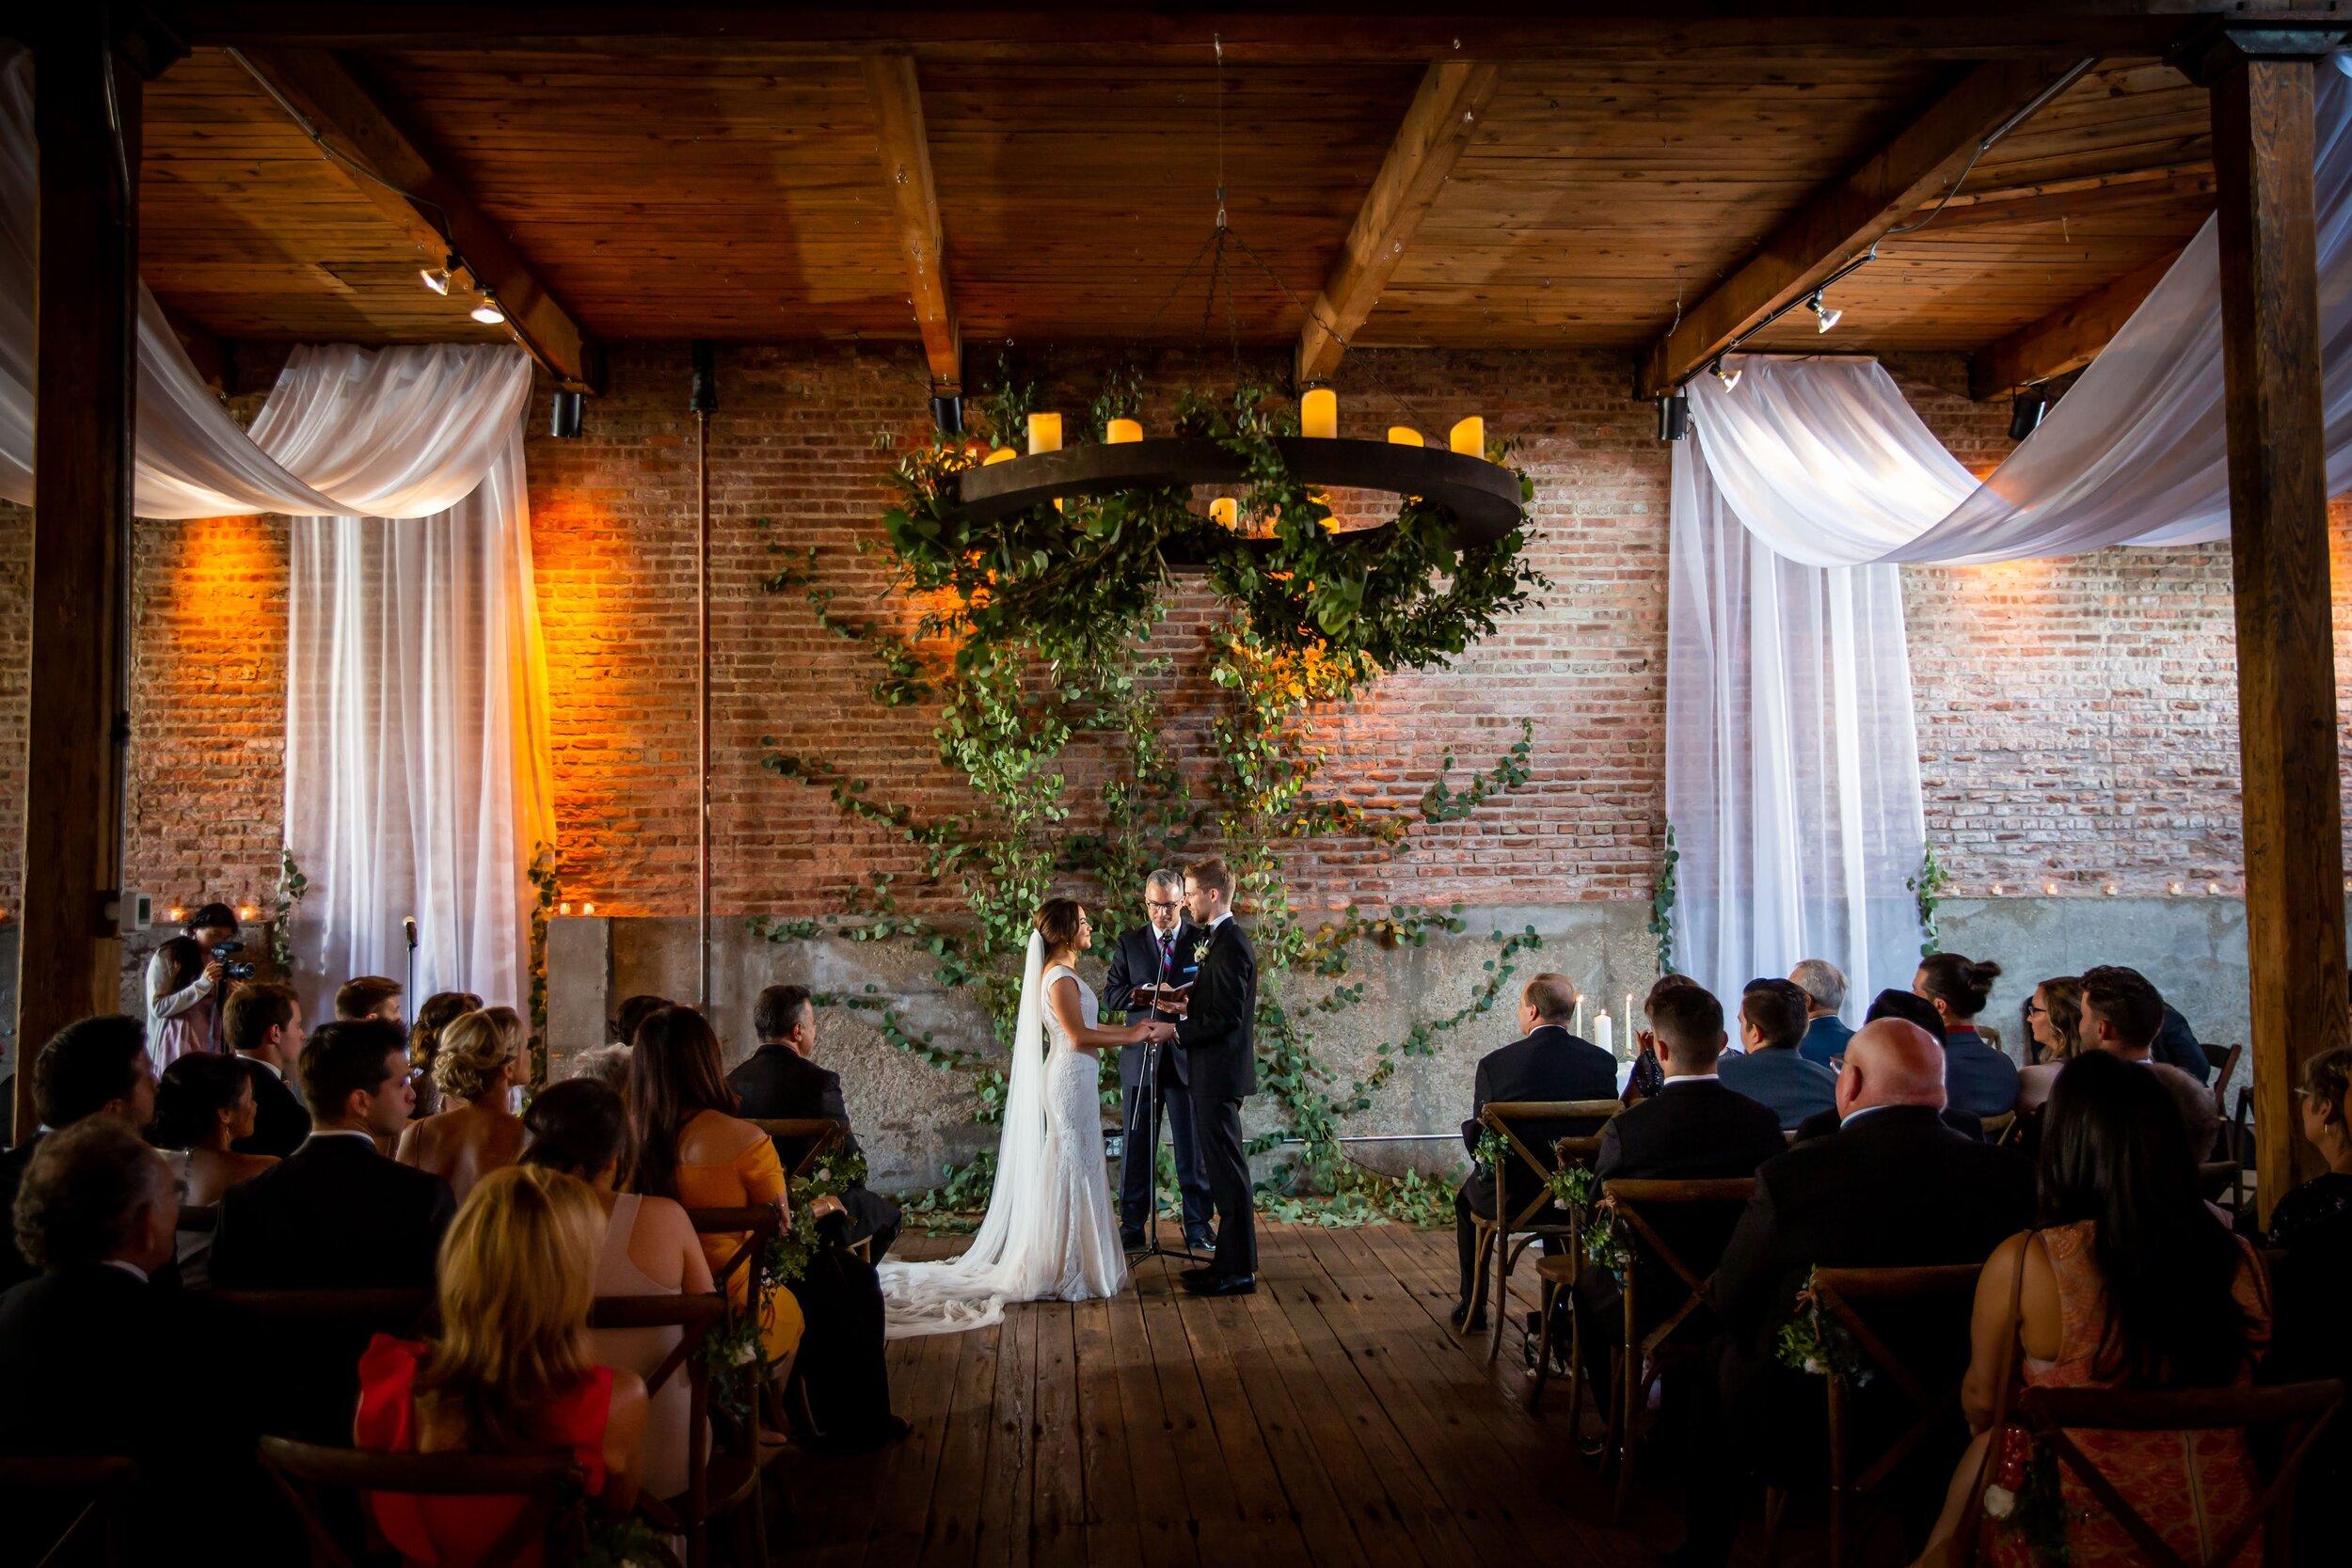 Kirstie-and-Alex-Gallery1028-Chicago-Wedding-Sprung-Photo-488.jpg